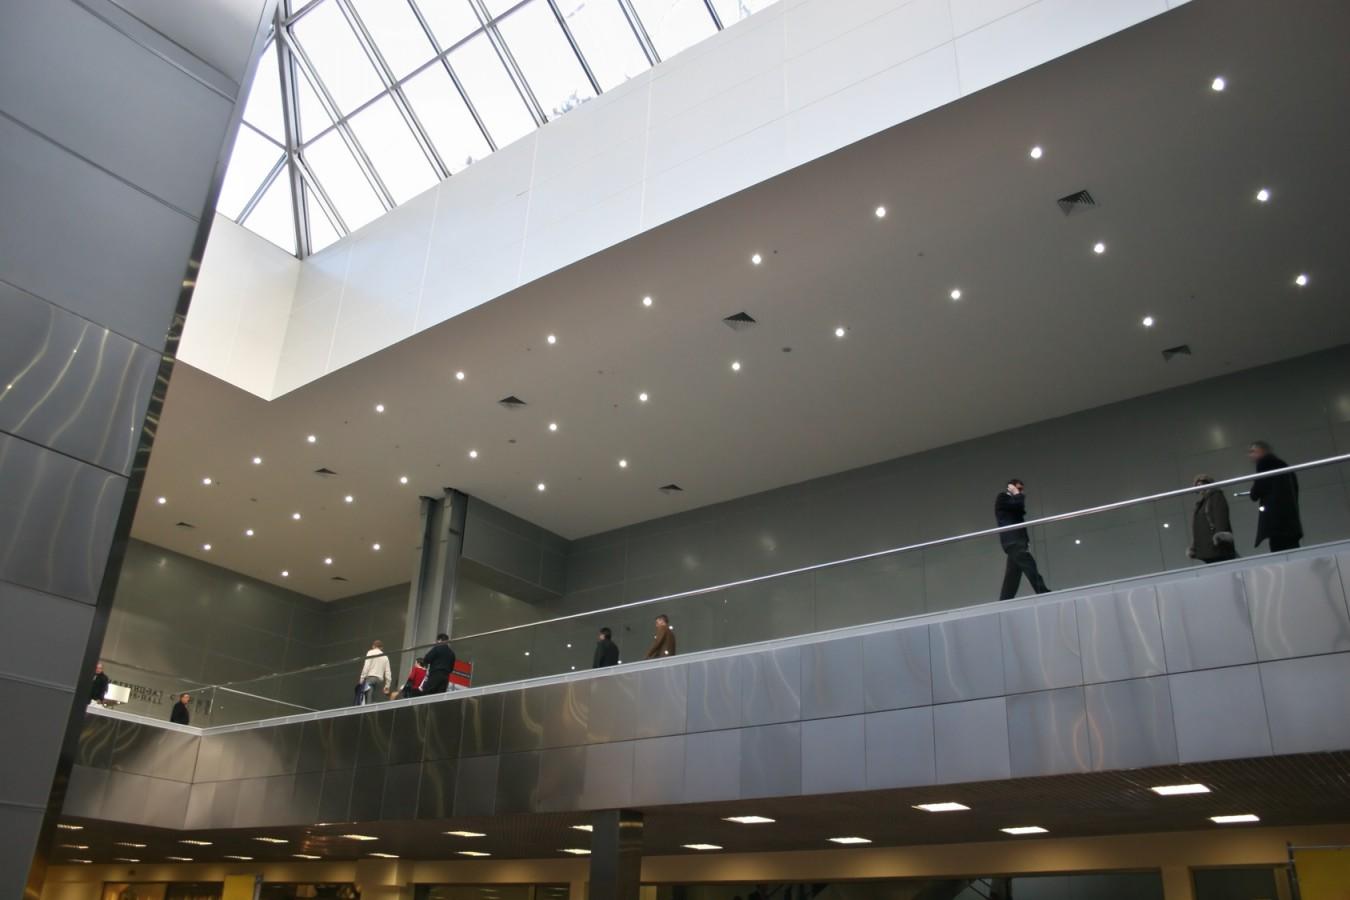 Návrhy LED osvětlení na míru Prostějov, Olomouc